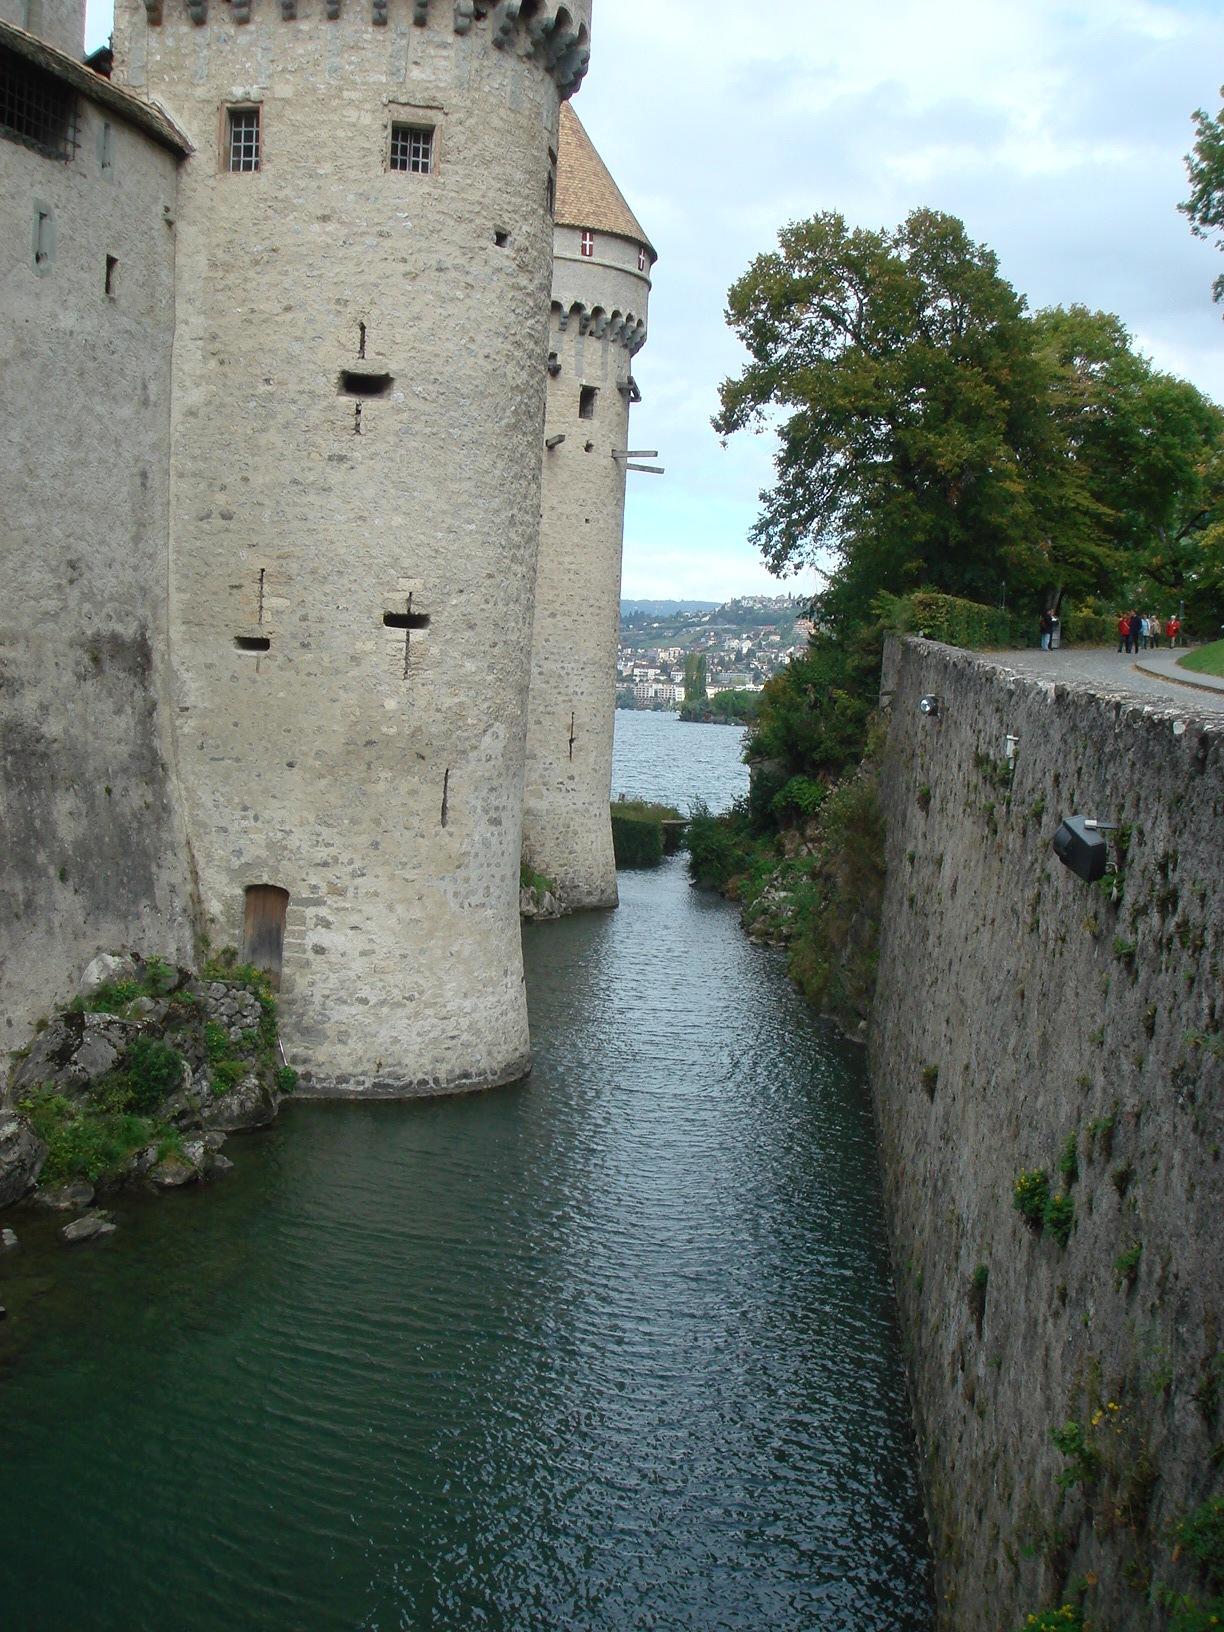 Чтобы не рыть ров они построили замок в воде. Оригинально.